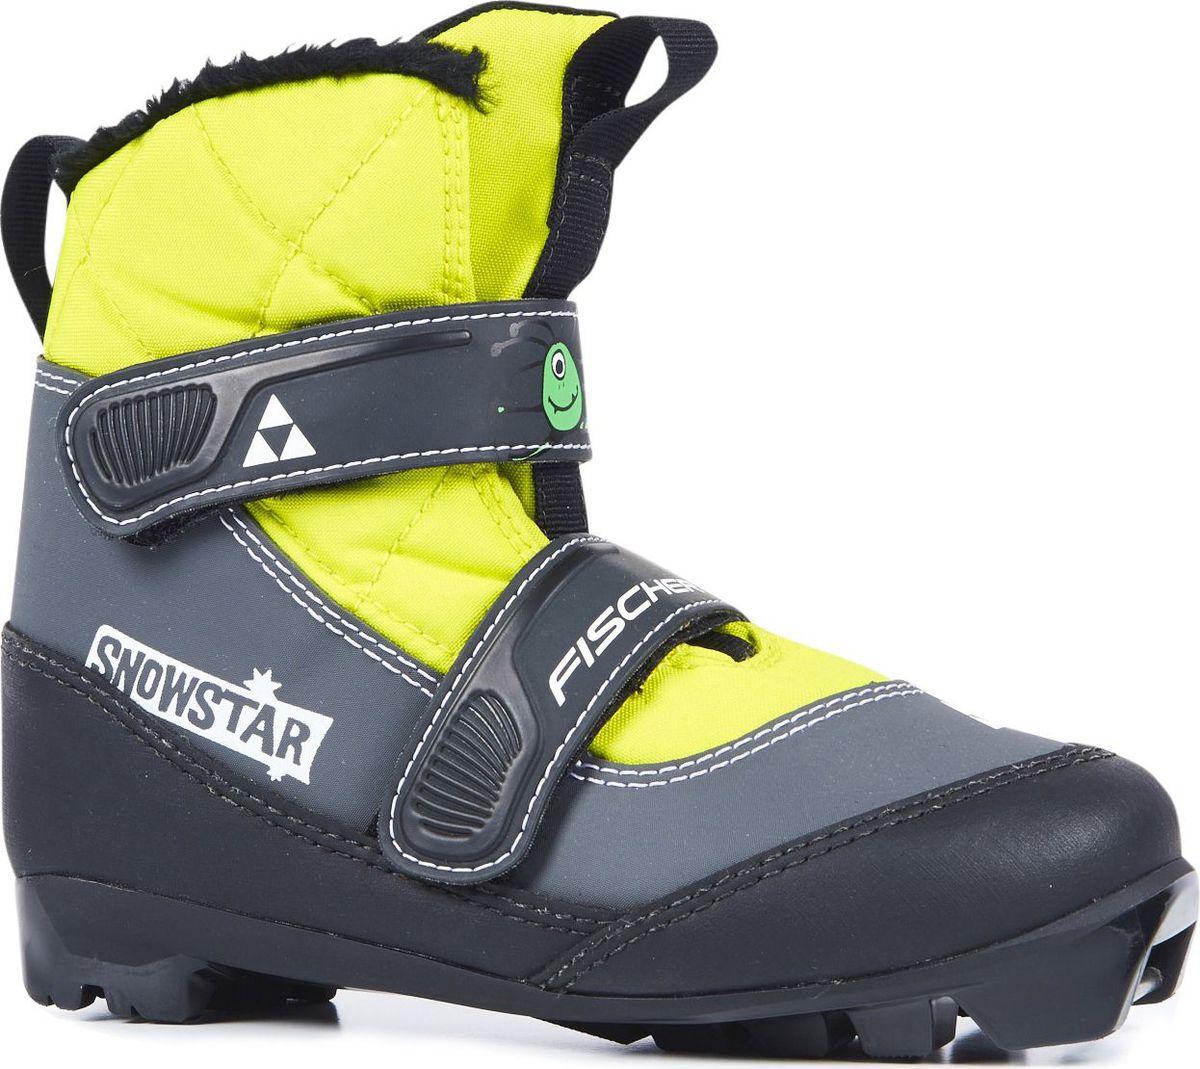 Ботинки лыжные для мальчика Fischer Snowstar, цвет: желтый. S41017. Размер 25S41017Лыжные ботинки Fischer Snowstar - модель для самых маленьких лыжников. Комфортная мягкая подошва, водоотталкивающий утеплитель Comfort Guard дополнительно защищает от холода и влаги, удобная застежка-липучка облегчает надевание. В ботинках удобно не только кататься, но и гулять, играть.Преимущества для потребителей:- Удобно надевать и снимать.- Очень теплые.- Подходят для катания и игр на снегу.